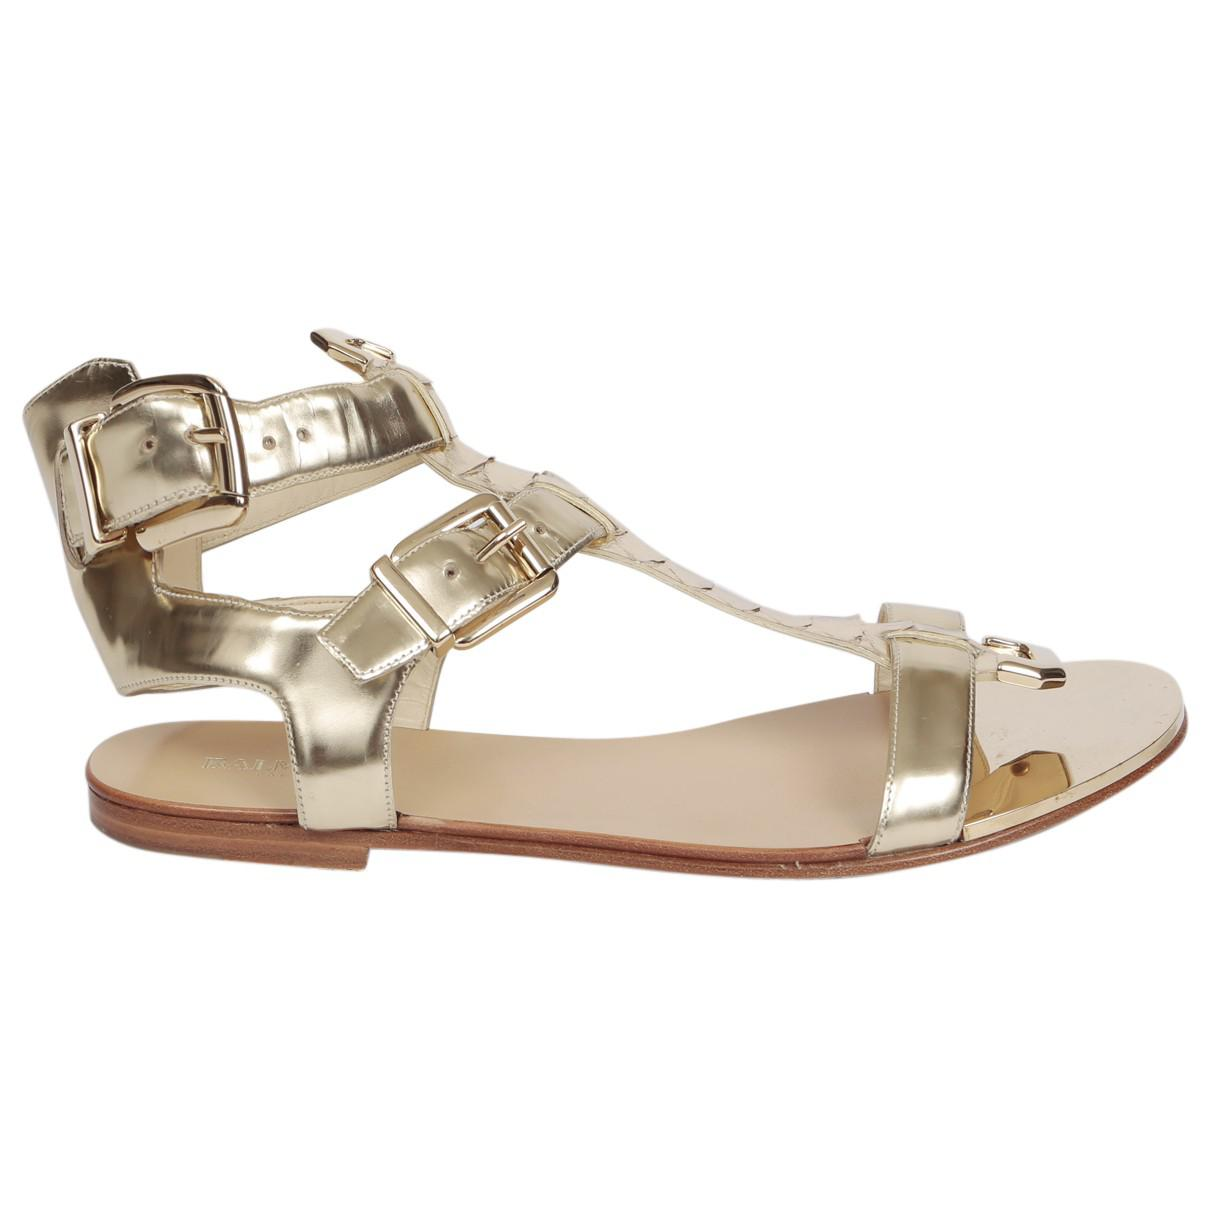 Pre-owned - Cloth sandals Balmain 4sgUS